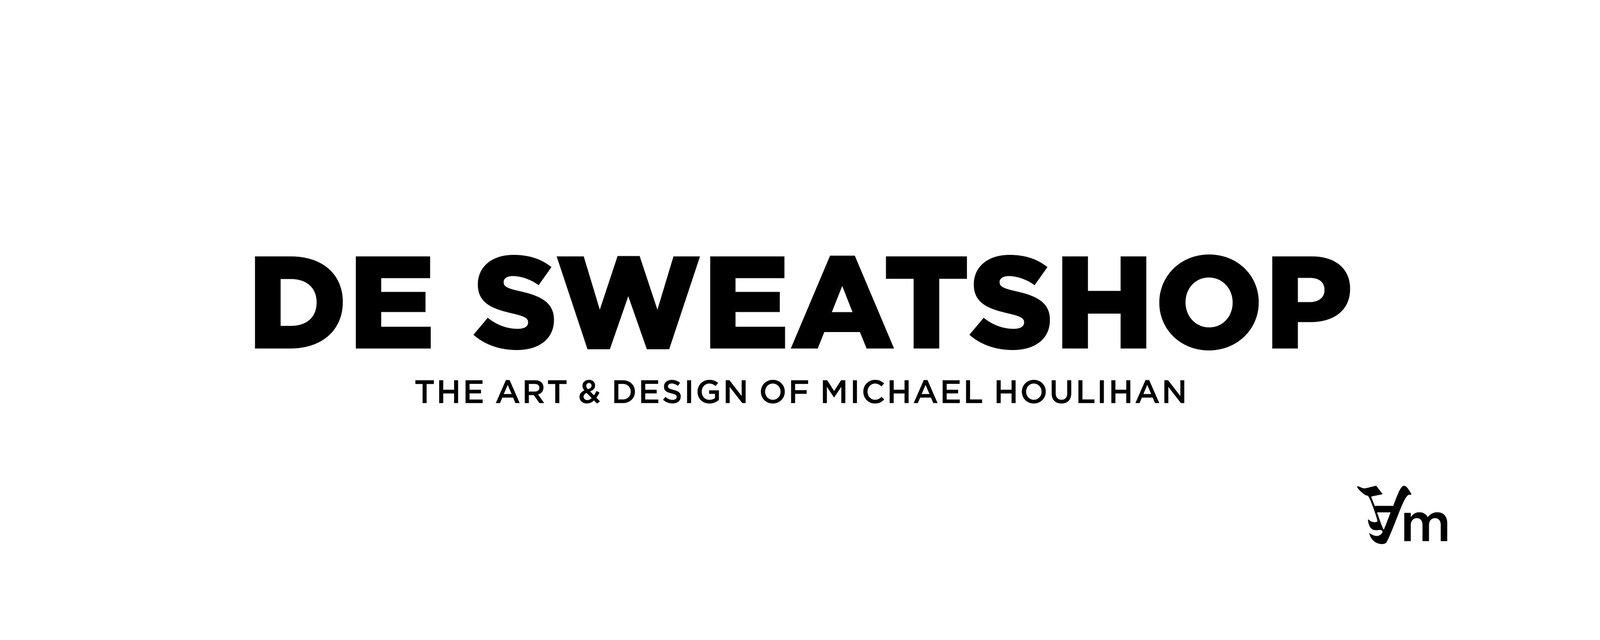 De Sweatshop